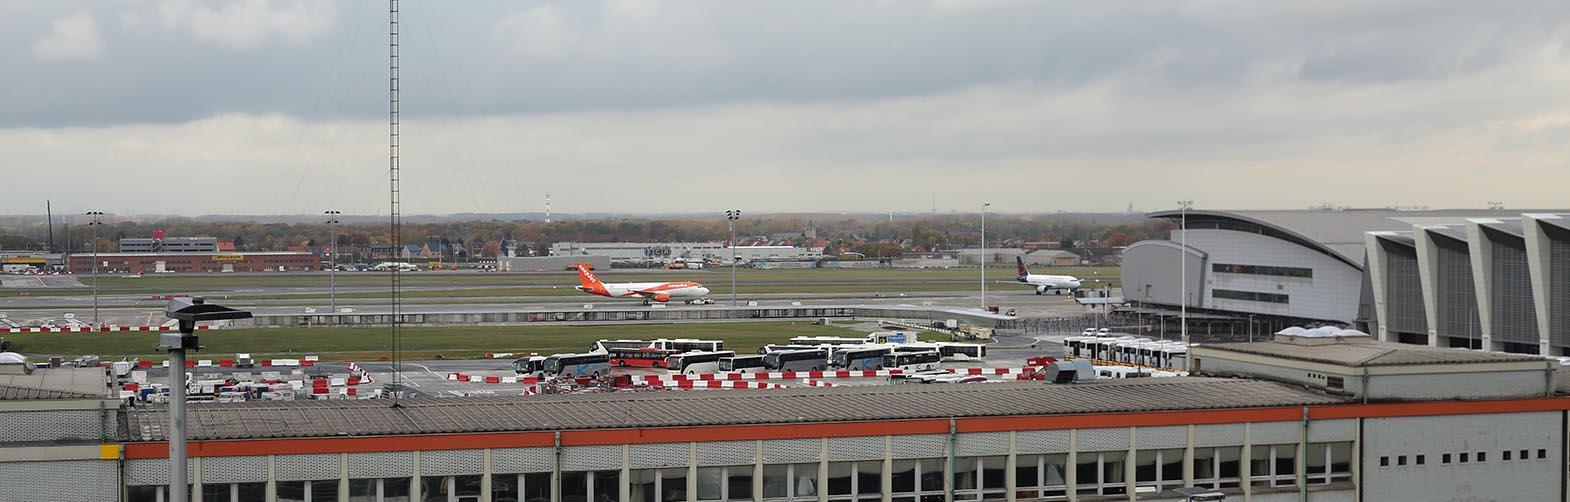 pc-luchtvaartmaatschappijen.jpg